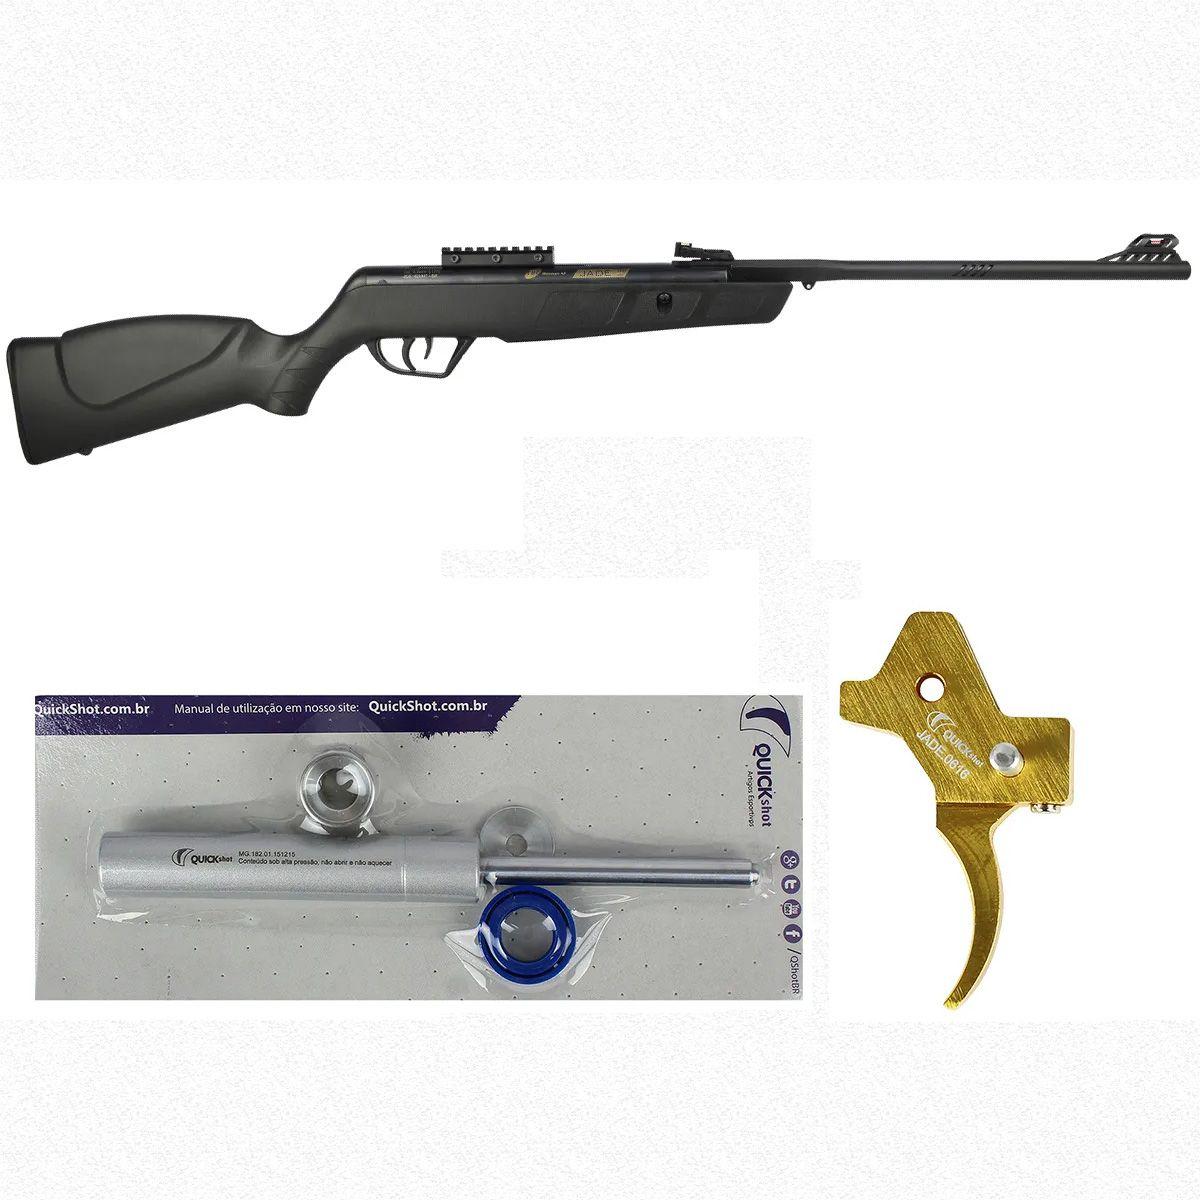 Carabina de Pressão CBC Jade Mais Preta 4.5mm + Gatilho Ajustável Dourado + Kit Mola Gás Ram